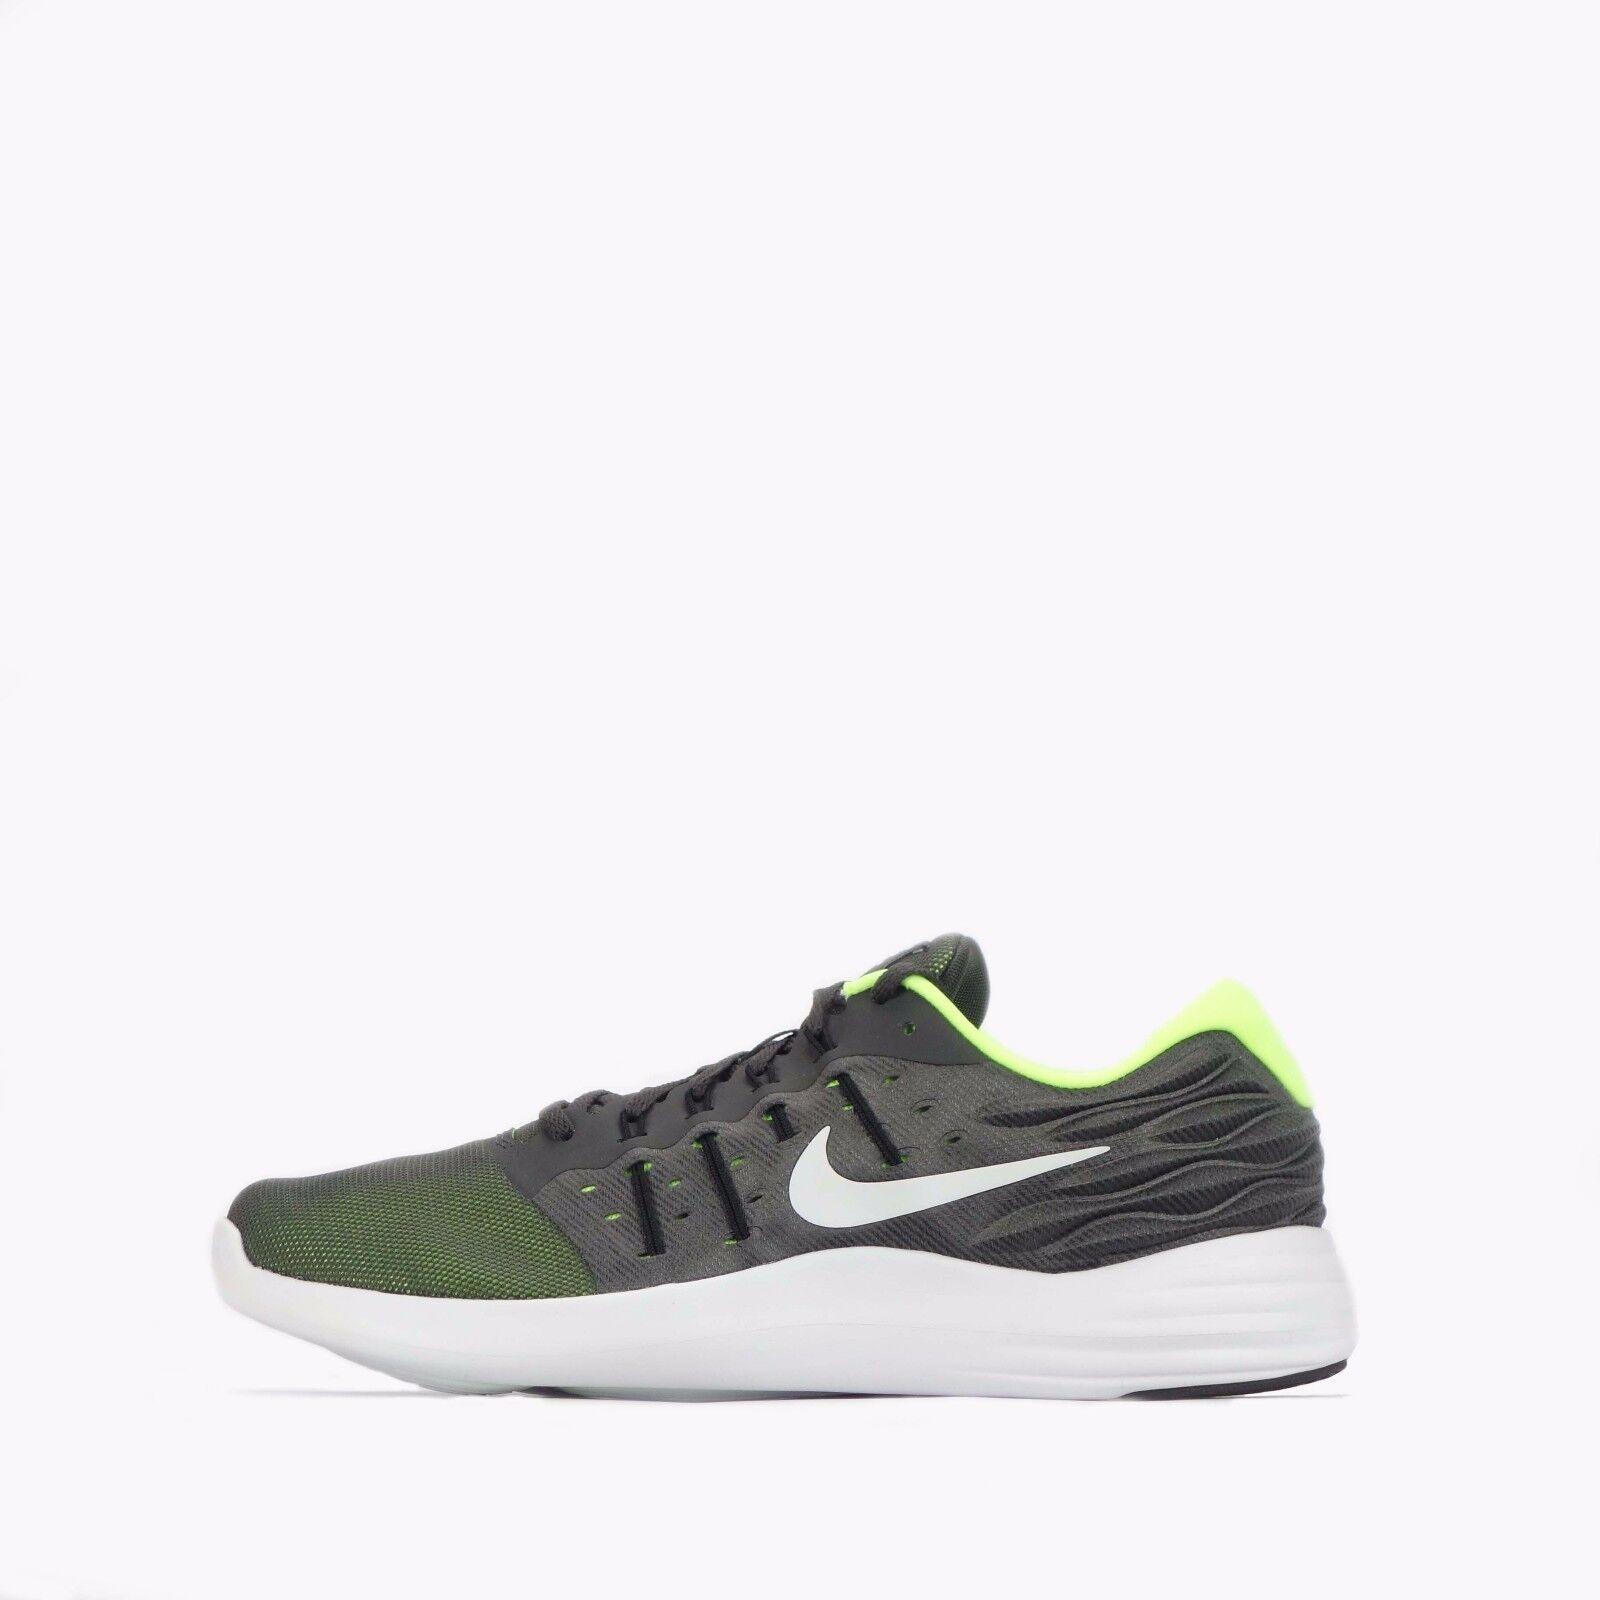 best sneakers ae9d3 90004 Zapatos corrientes de los hombres NIKE NIKE NIKE lunarstelos Midnight Fog    blanco negro marca de